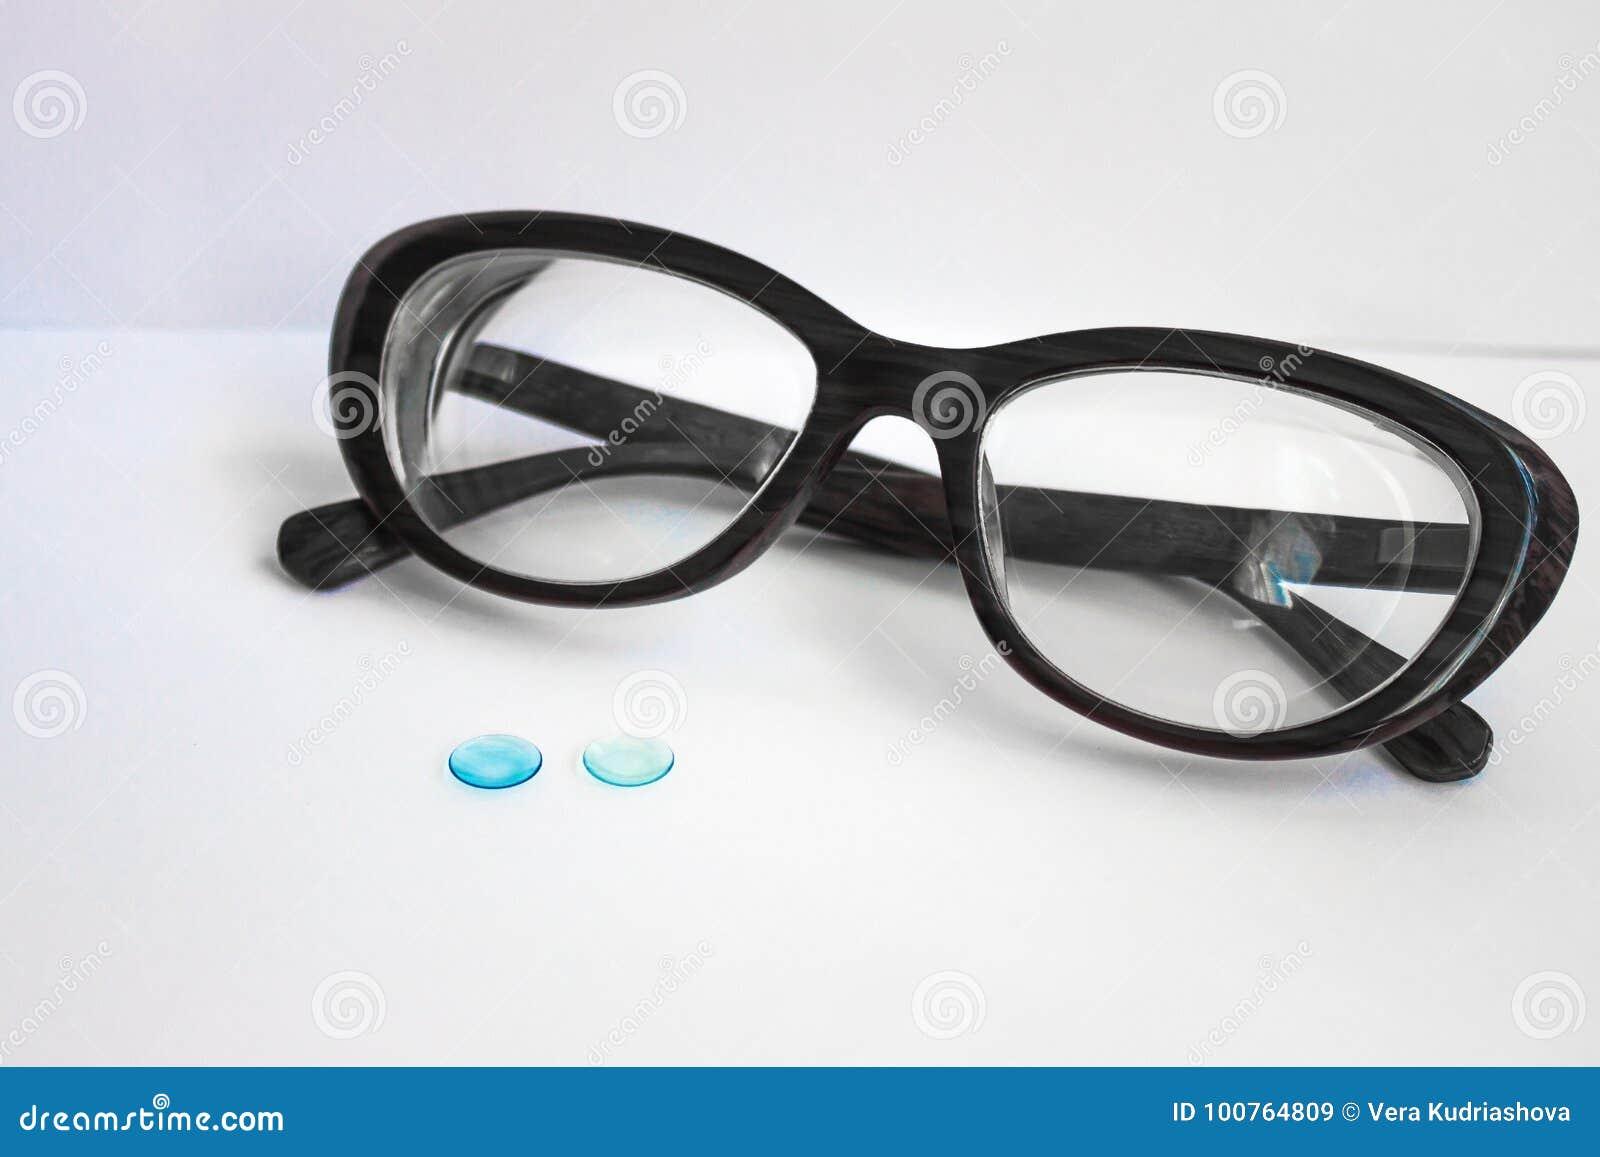 d4639e9385 Borde negro femenino para los vidrios, al lado de dos lentes de contacto  Fondo blanco, luz del día Una lente es más brillante La óptica para los  ojos, ...